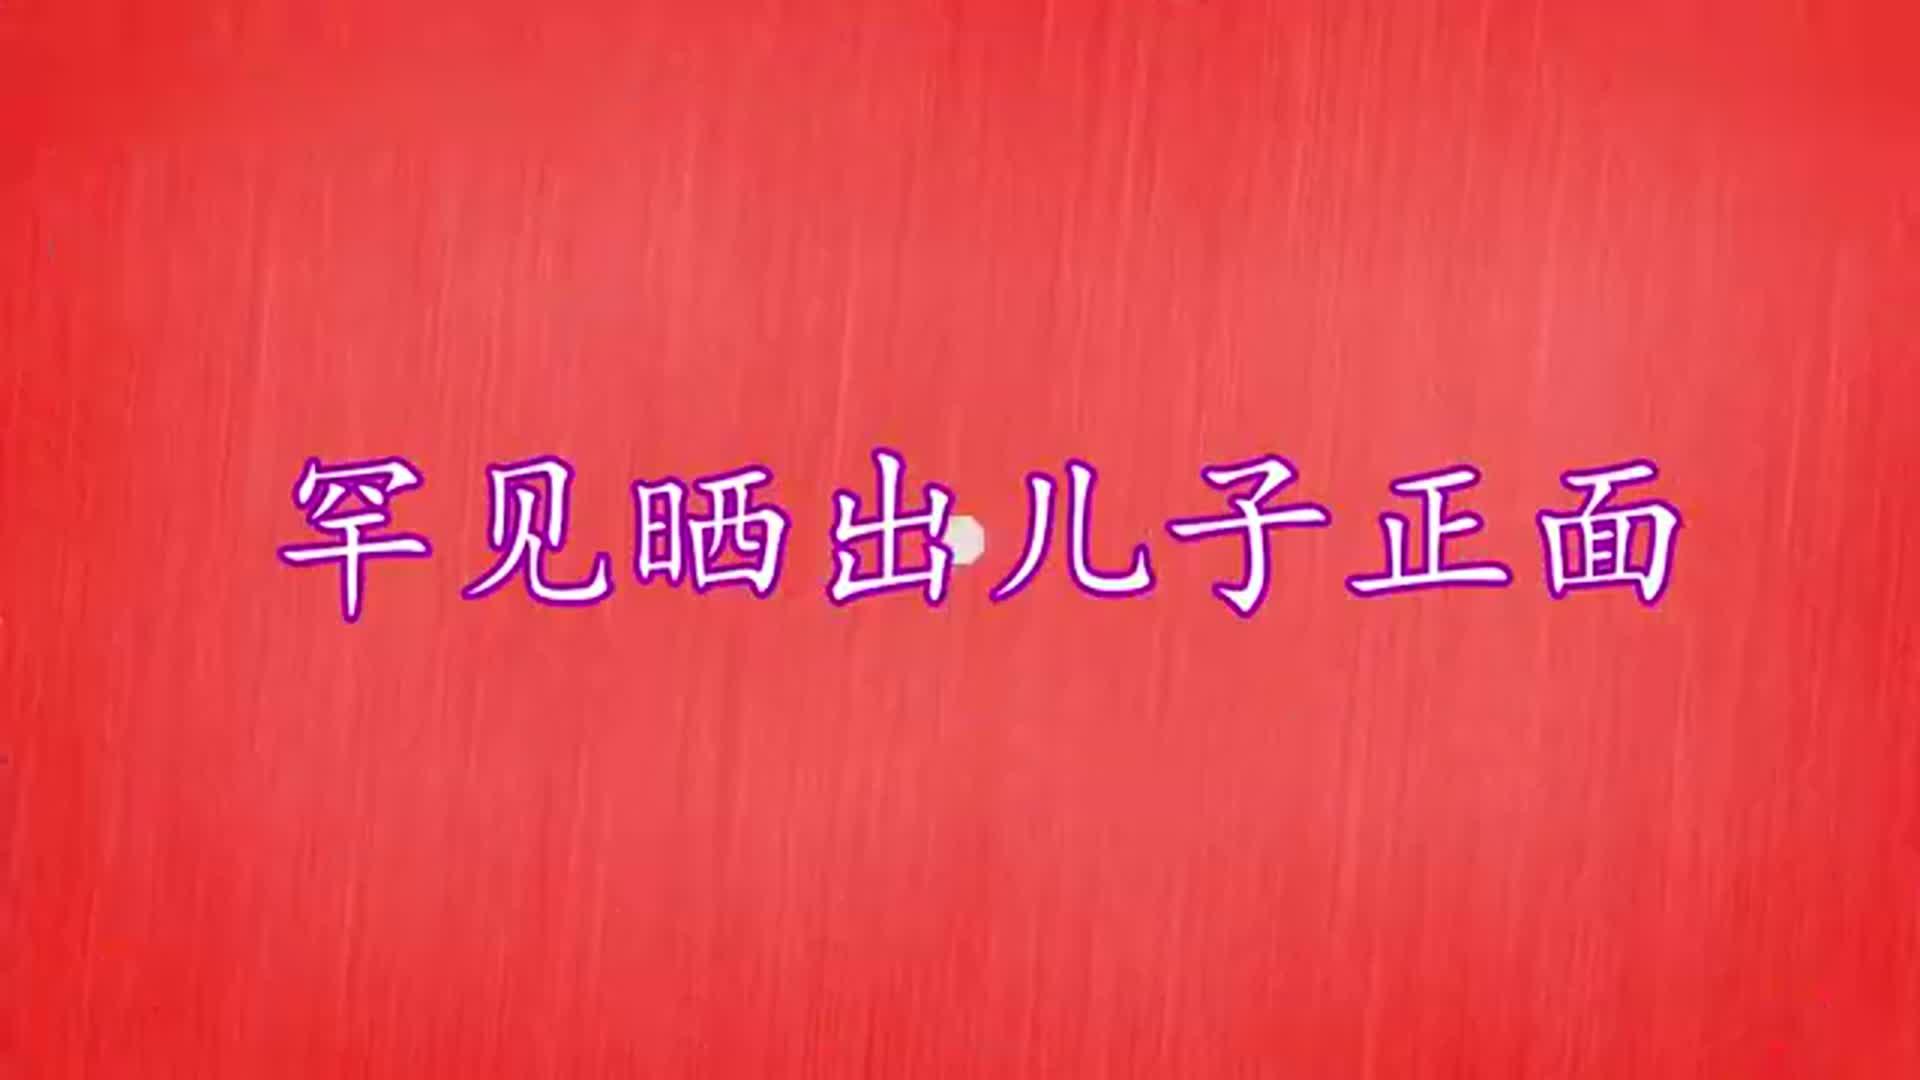 奚梦瑶儿子视频首公开,小宝贝长得超像爸爸何猷君,奚梦瑶谈家庭